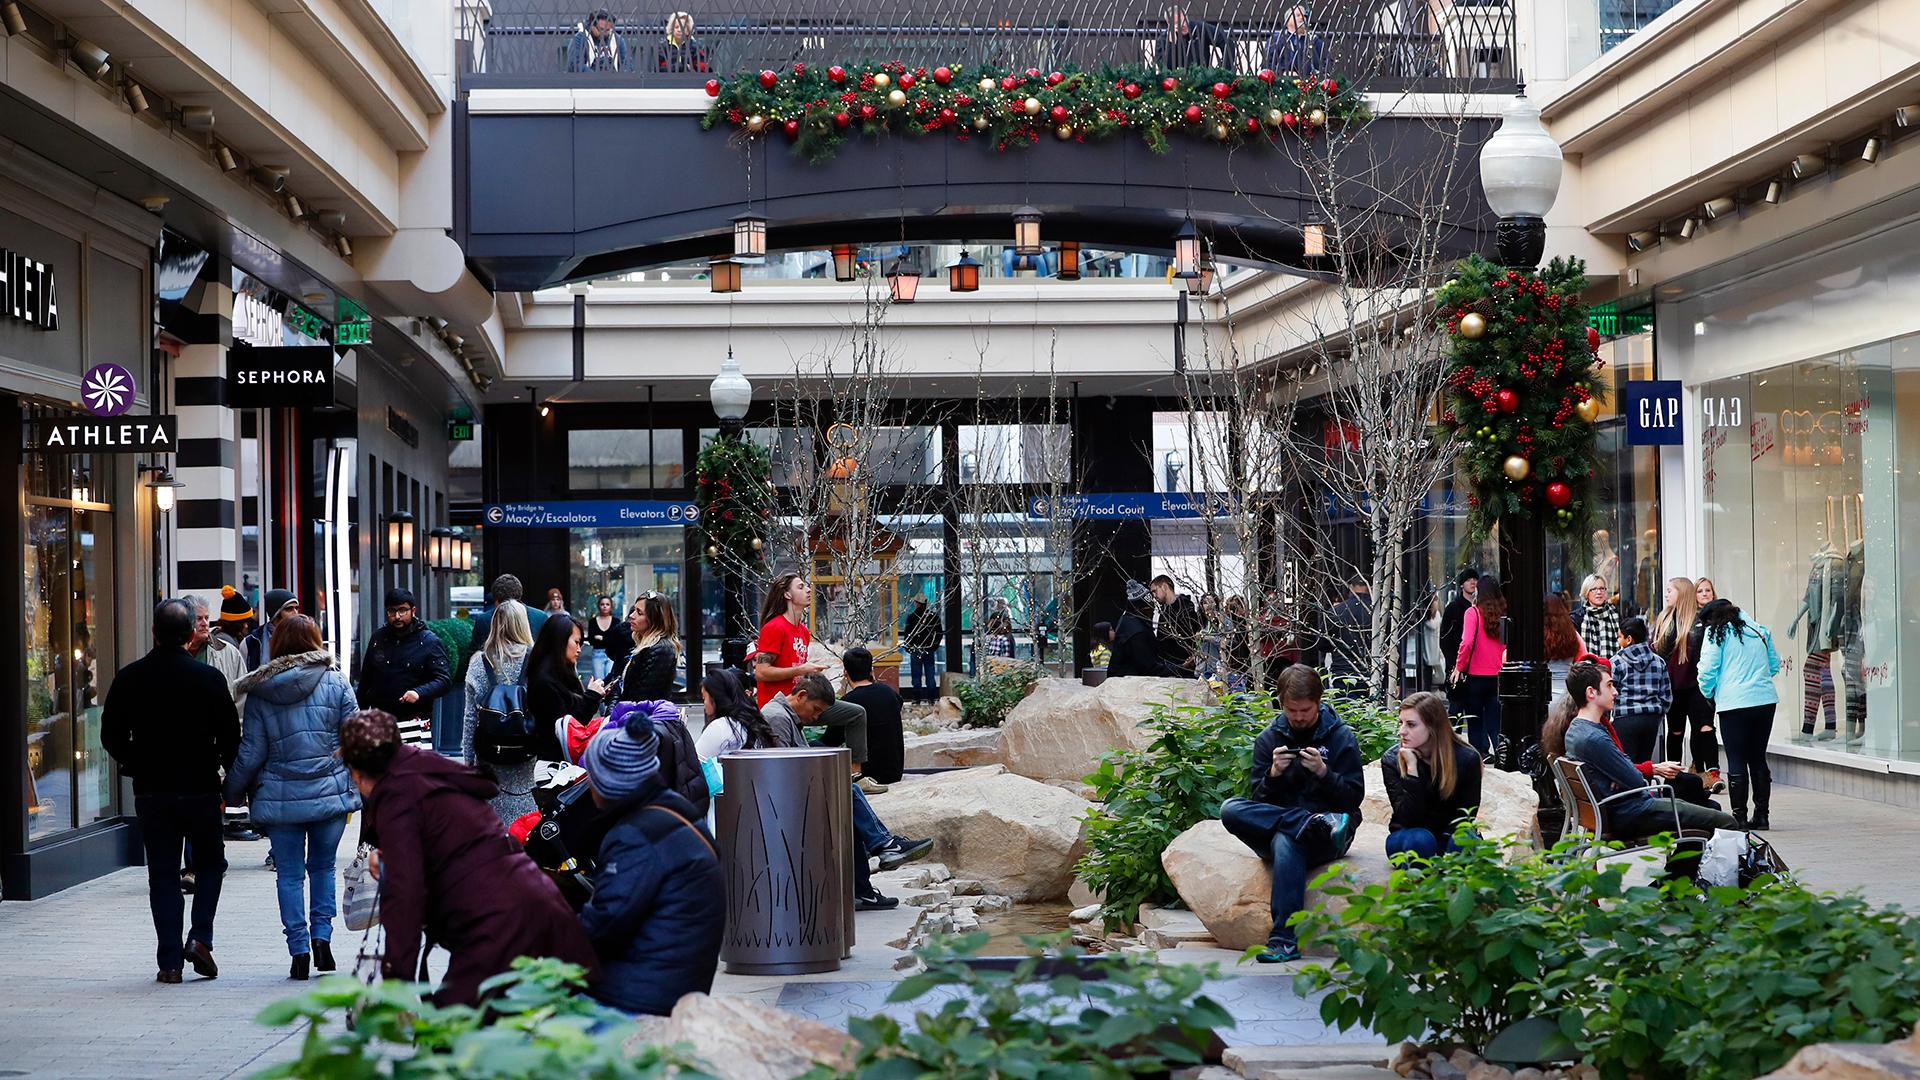 Holiday Hiring Black Friday Shopping at Mall-159532.jpg23666189